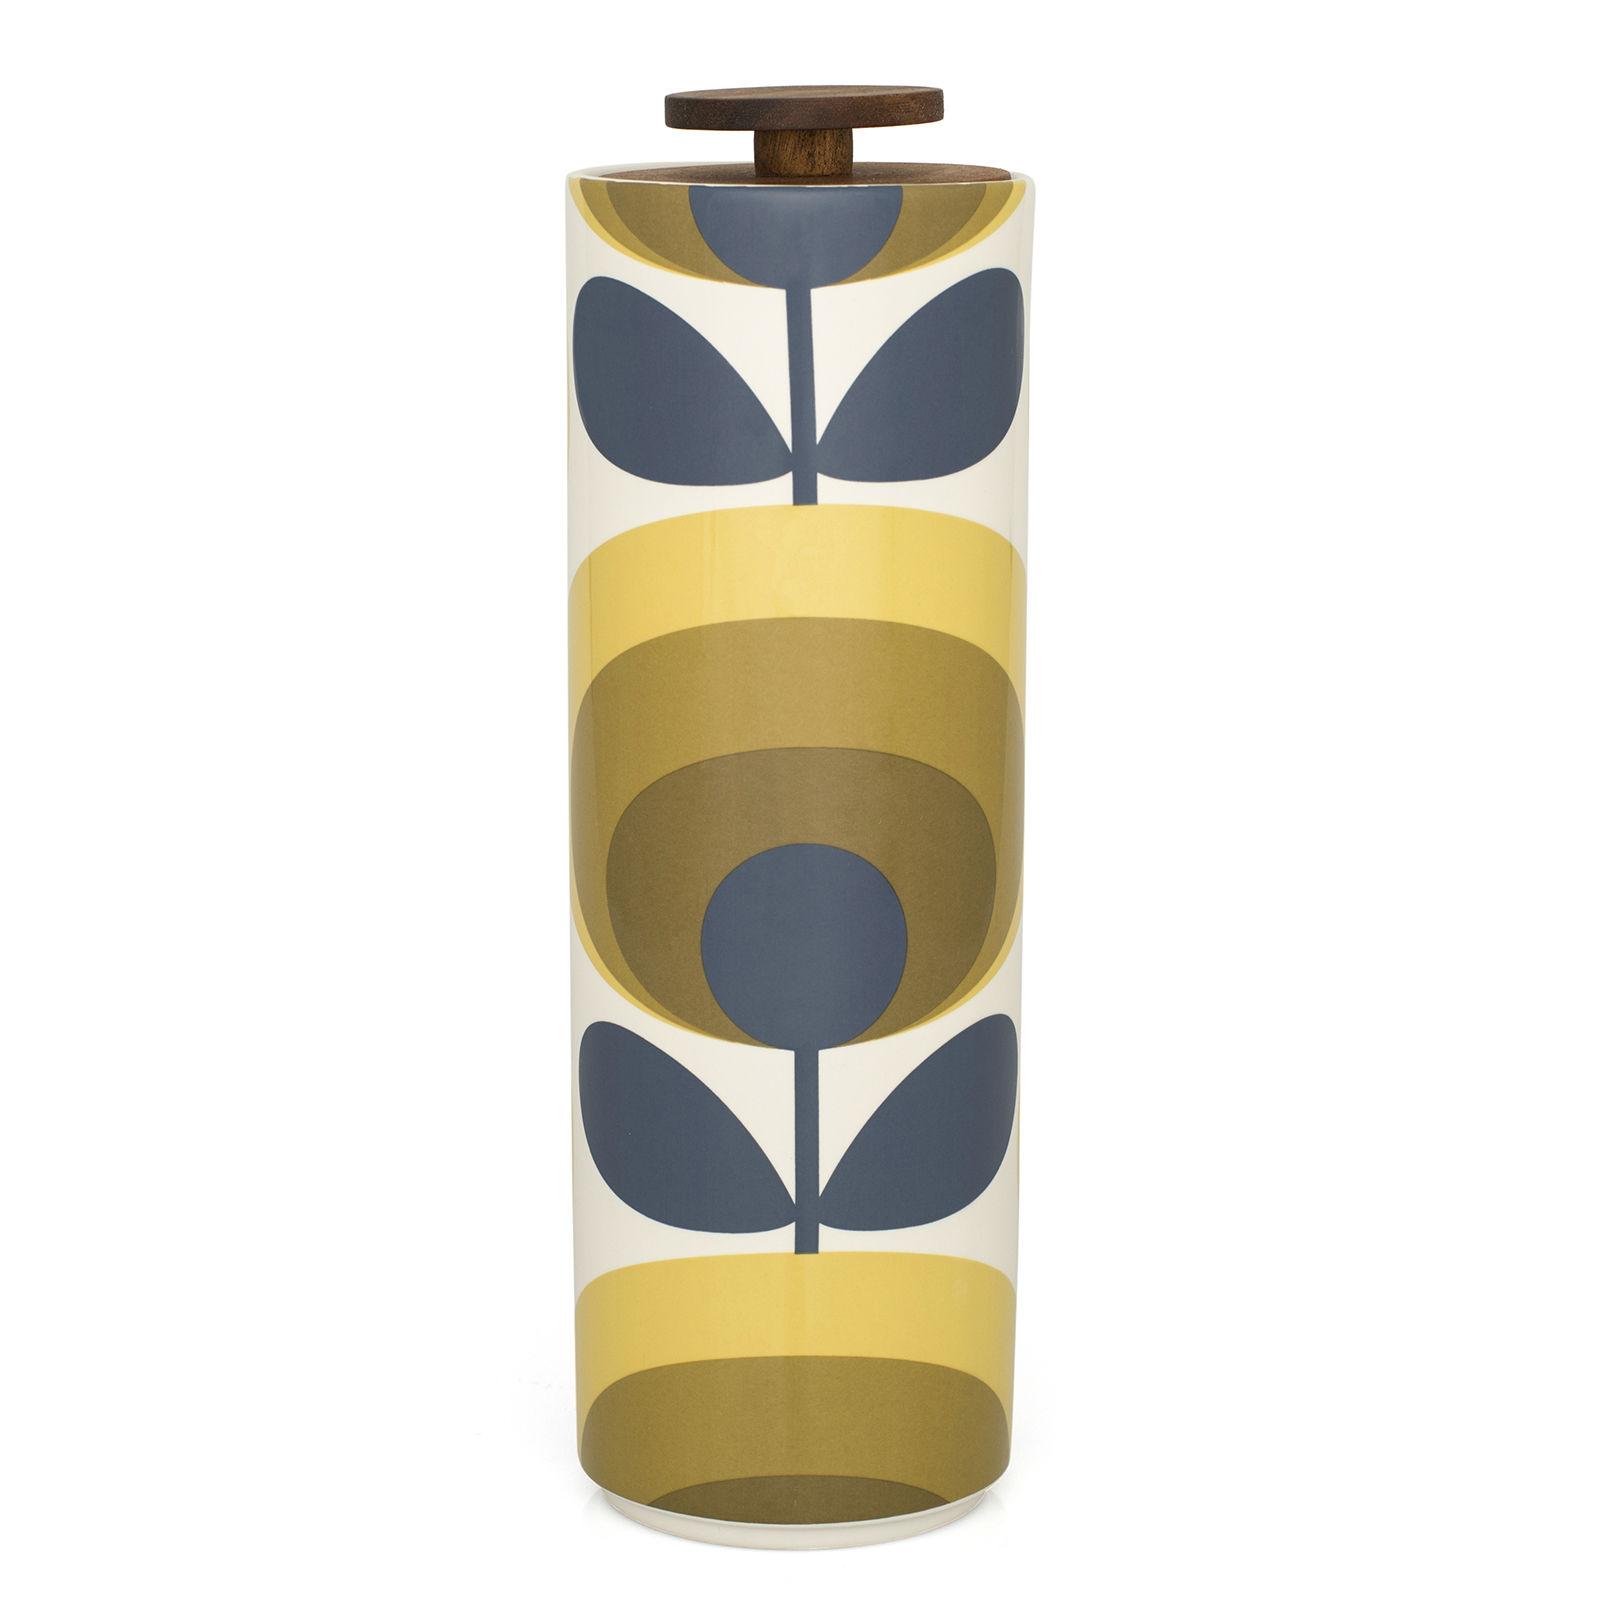 Boites-bocaus-design-Orla-Kiely-013